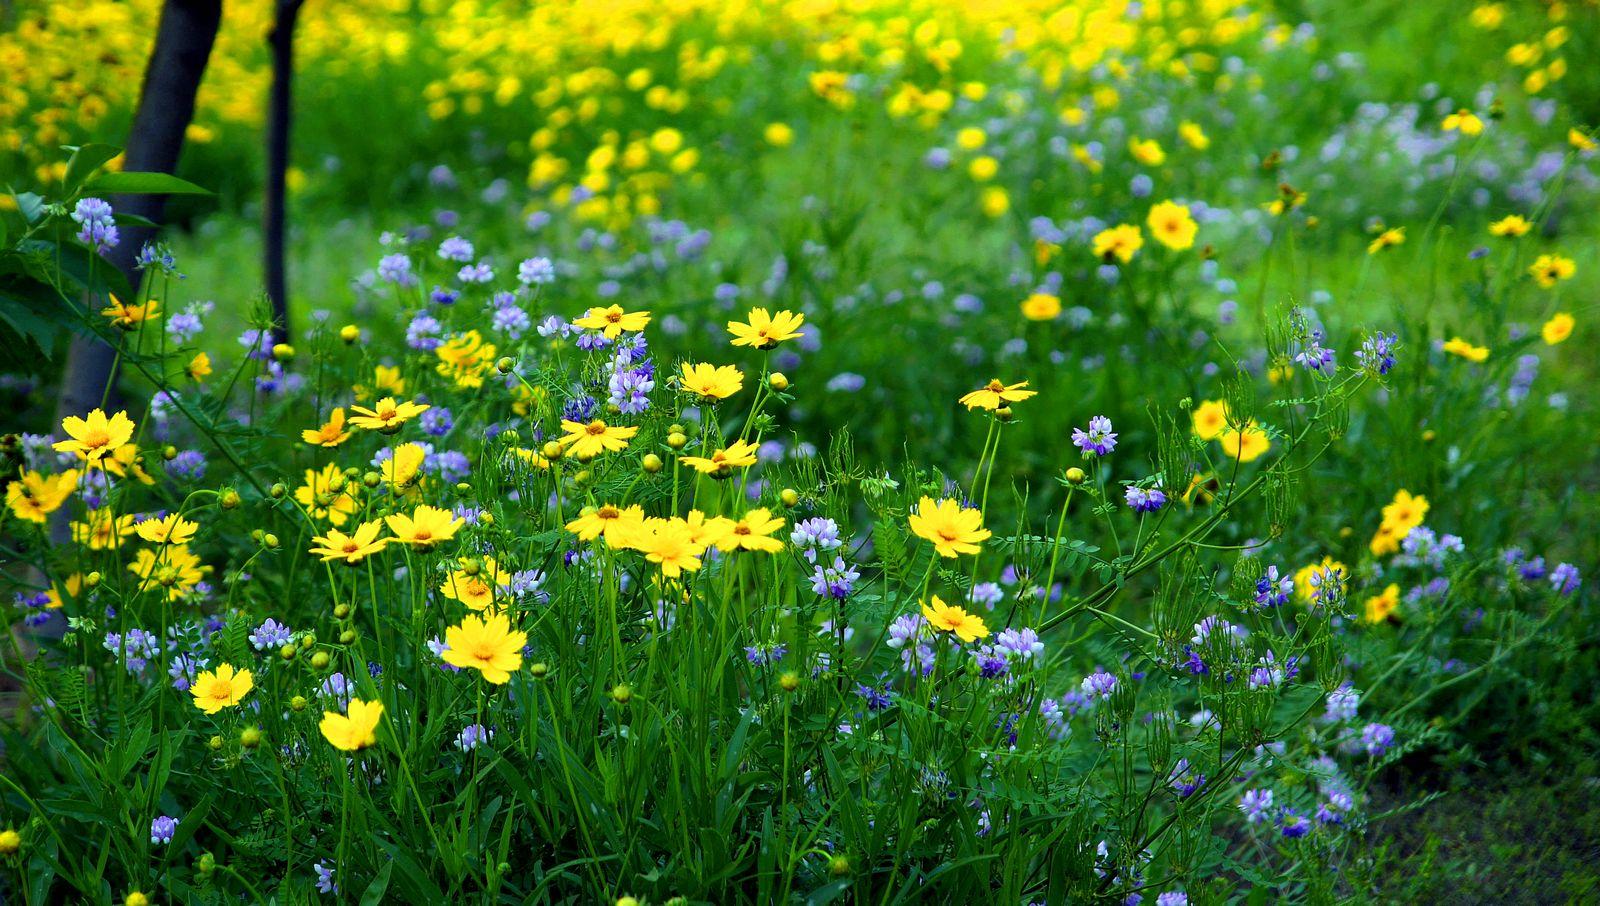 儿童图画春天的景色 小学生春天美景图画儿童图画春天的景高清图片